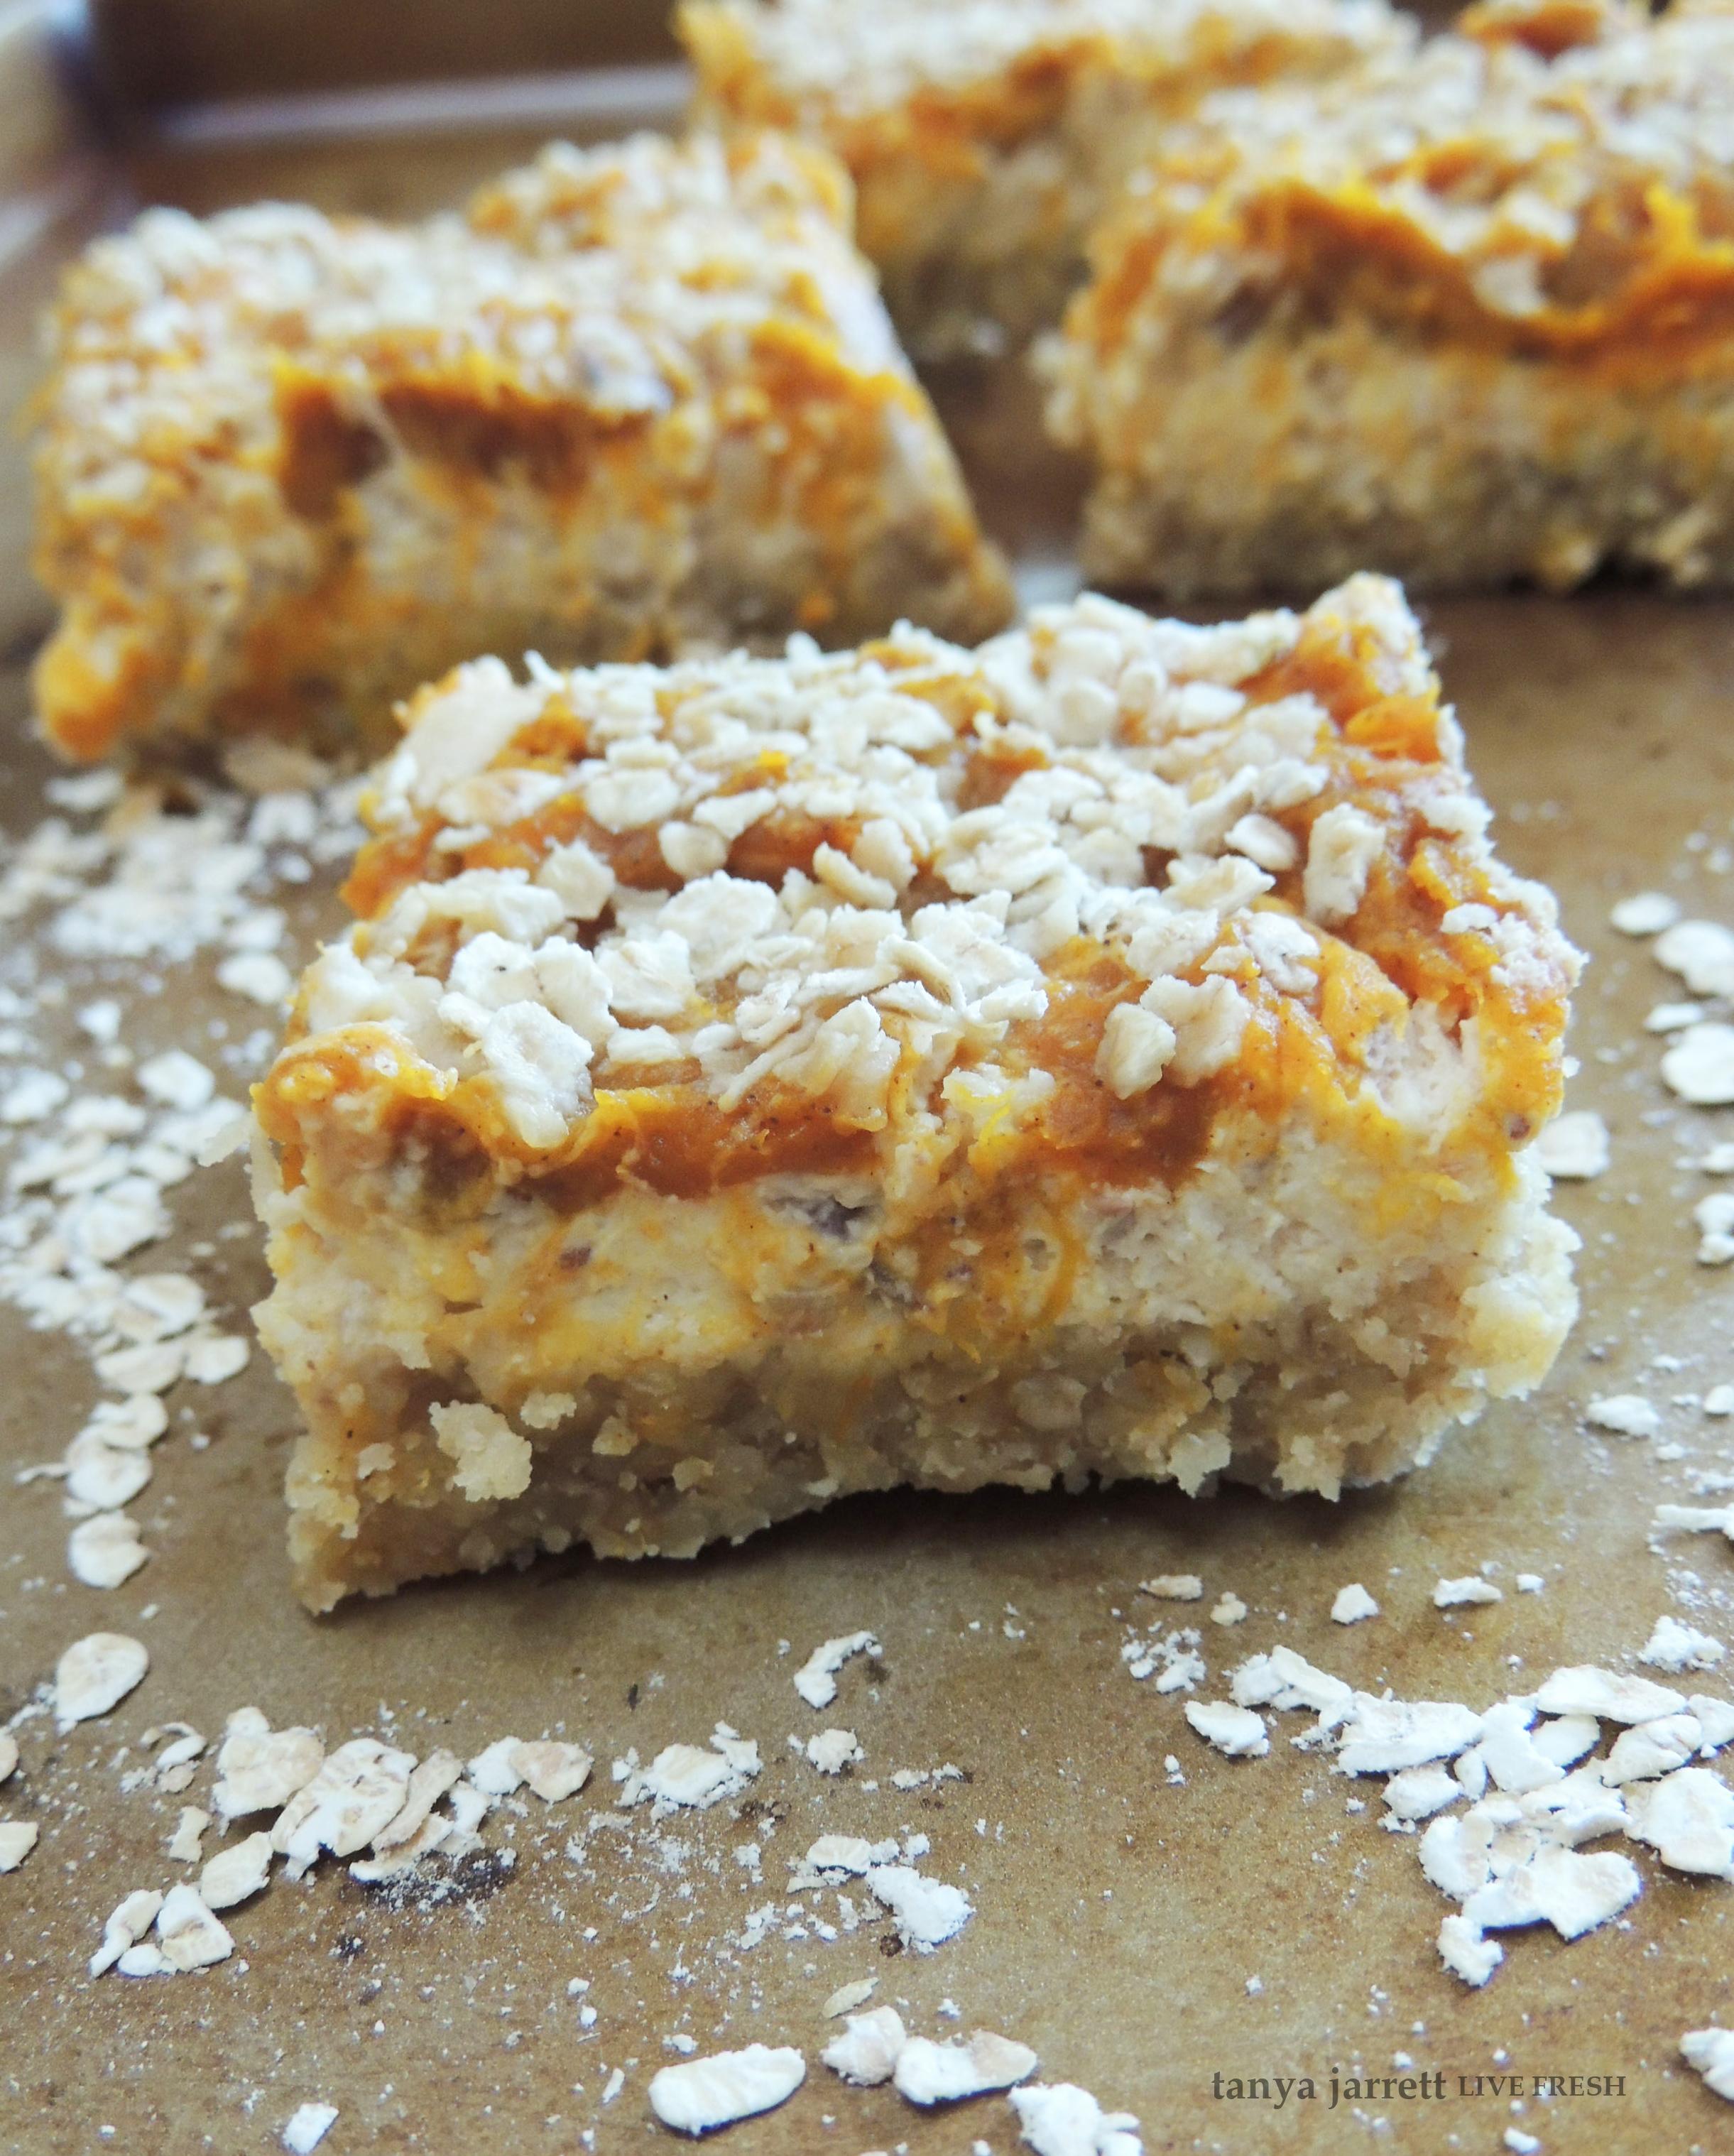 Coconut Flour Pumpkin Bars: Fresh Pumpkin Cheesecake Bars With An Almond & Coconut